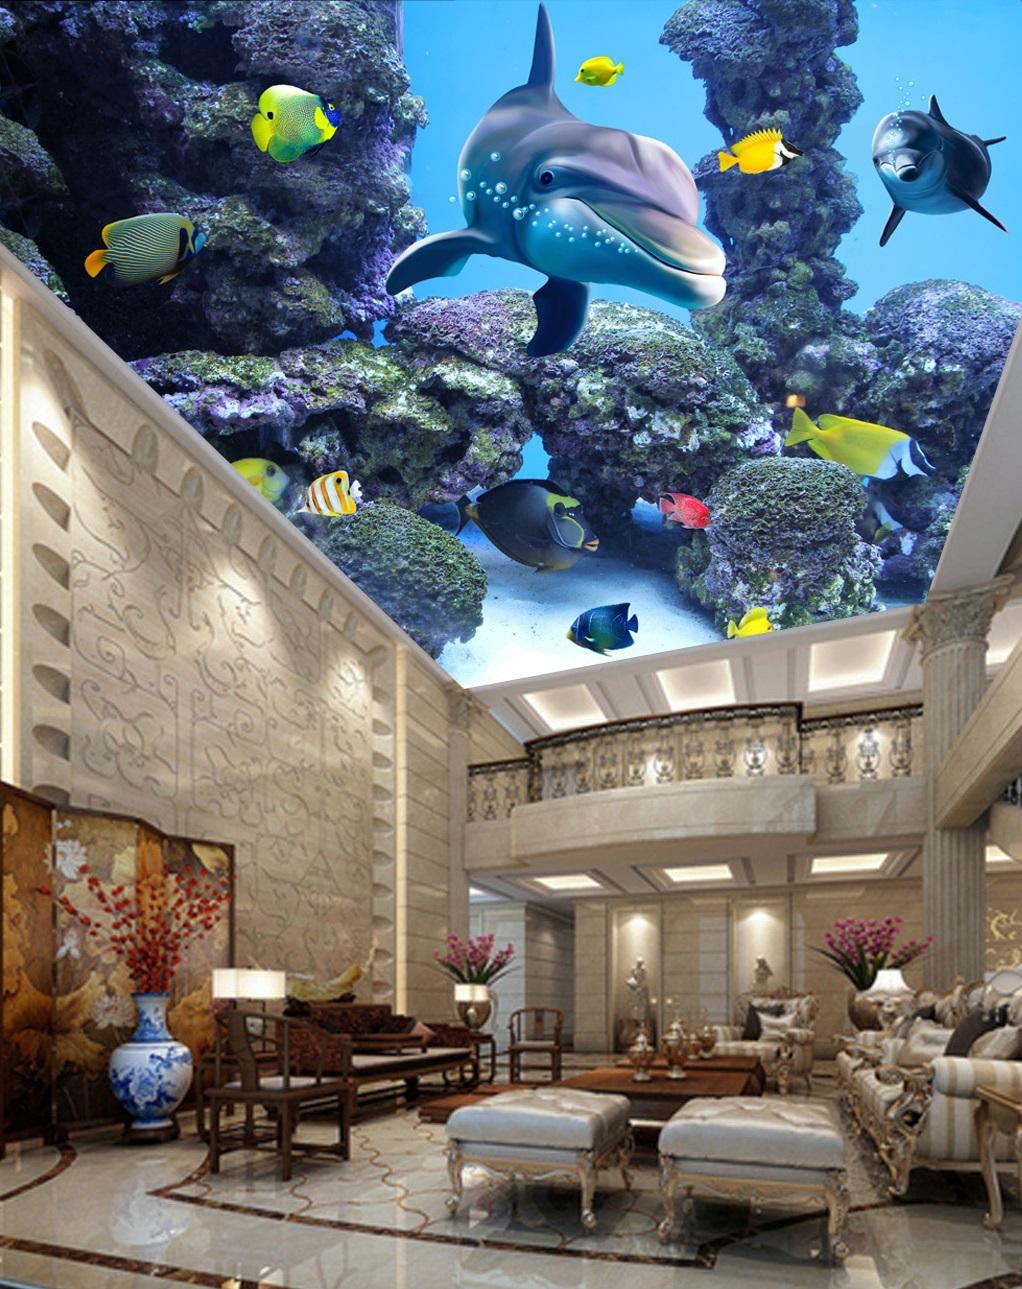 Trần 3d phong cảnh dưới đáy biển cá heo